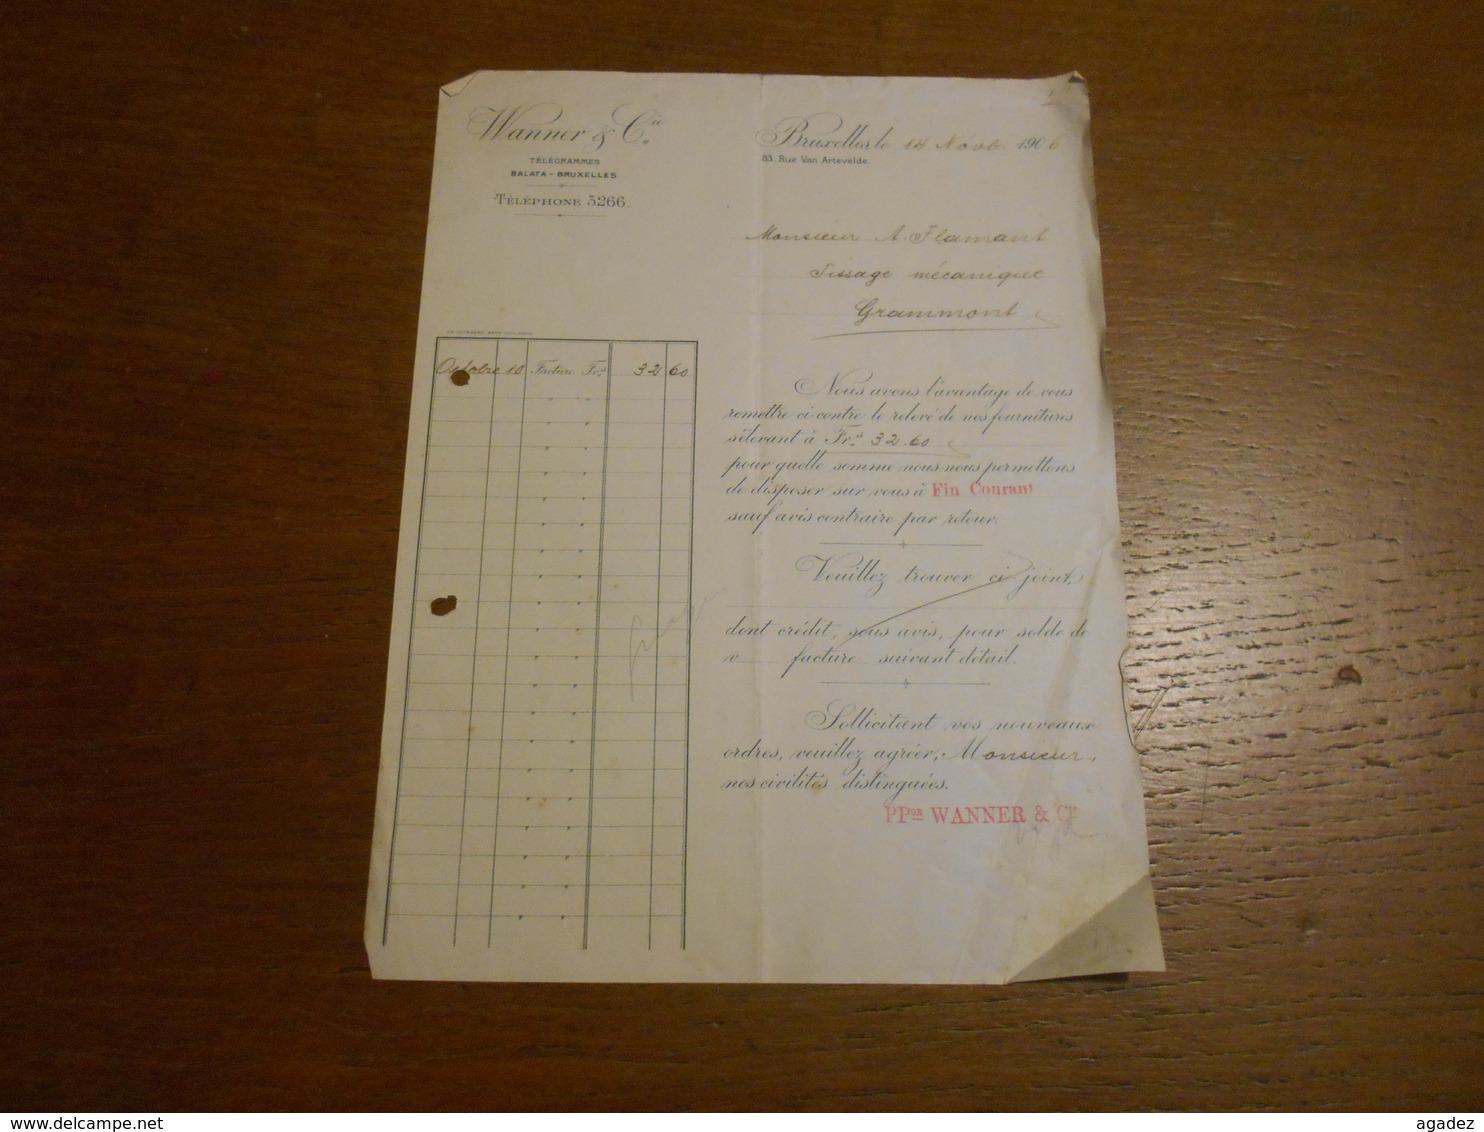 Facture Wanner Et Cie Bruxelles 1906 Envoyée à M.Flamant Tissage Mécanique Grammont - Printing & Stationeries